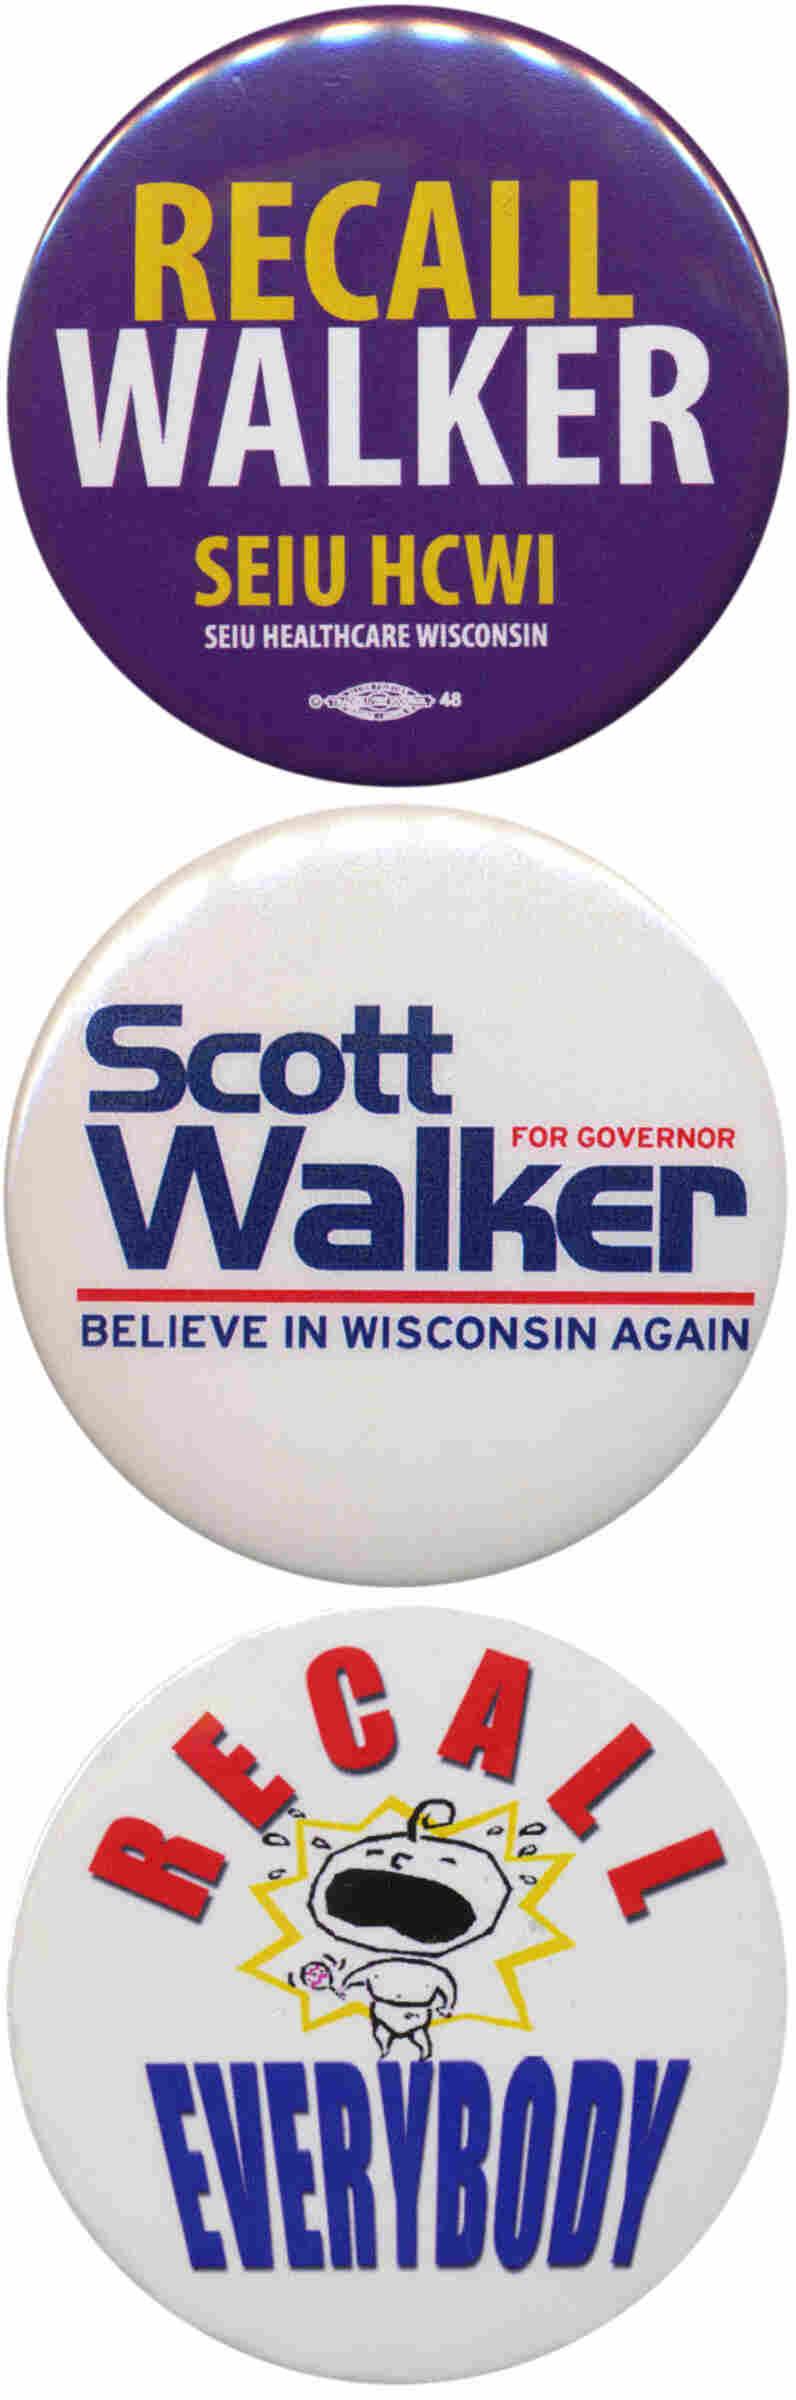 Wisconsin recalls